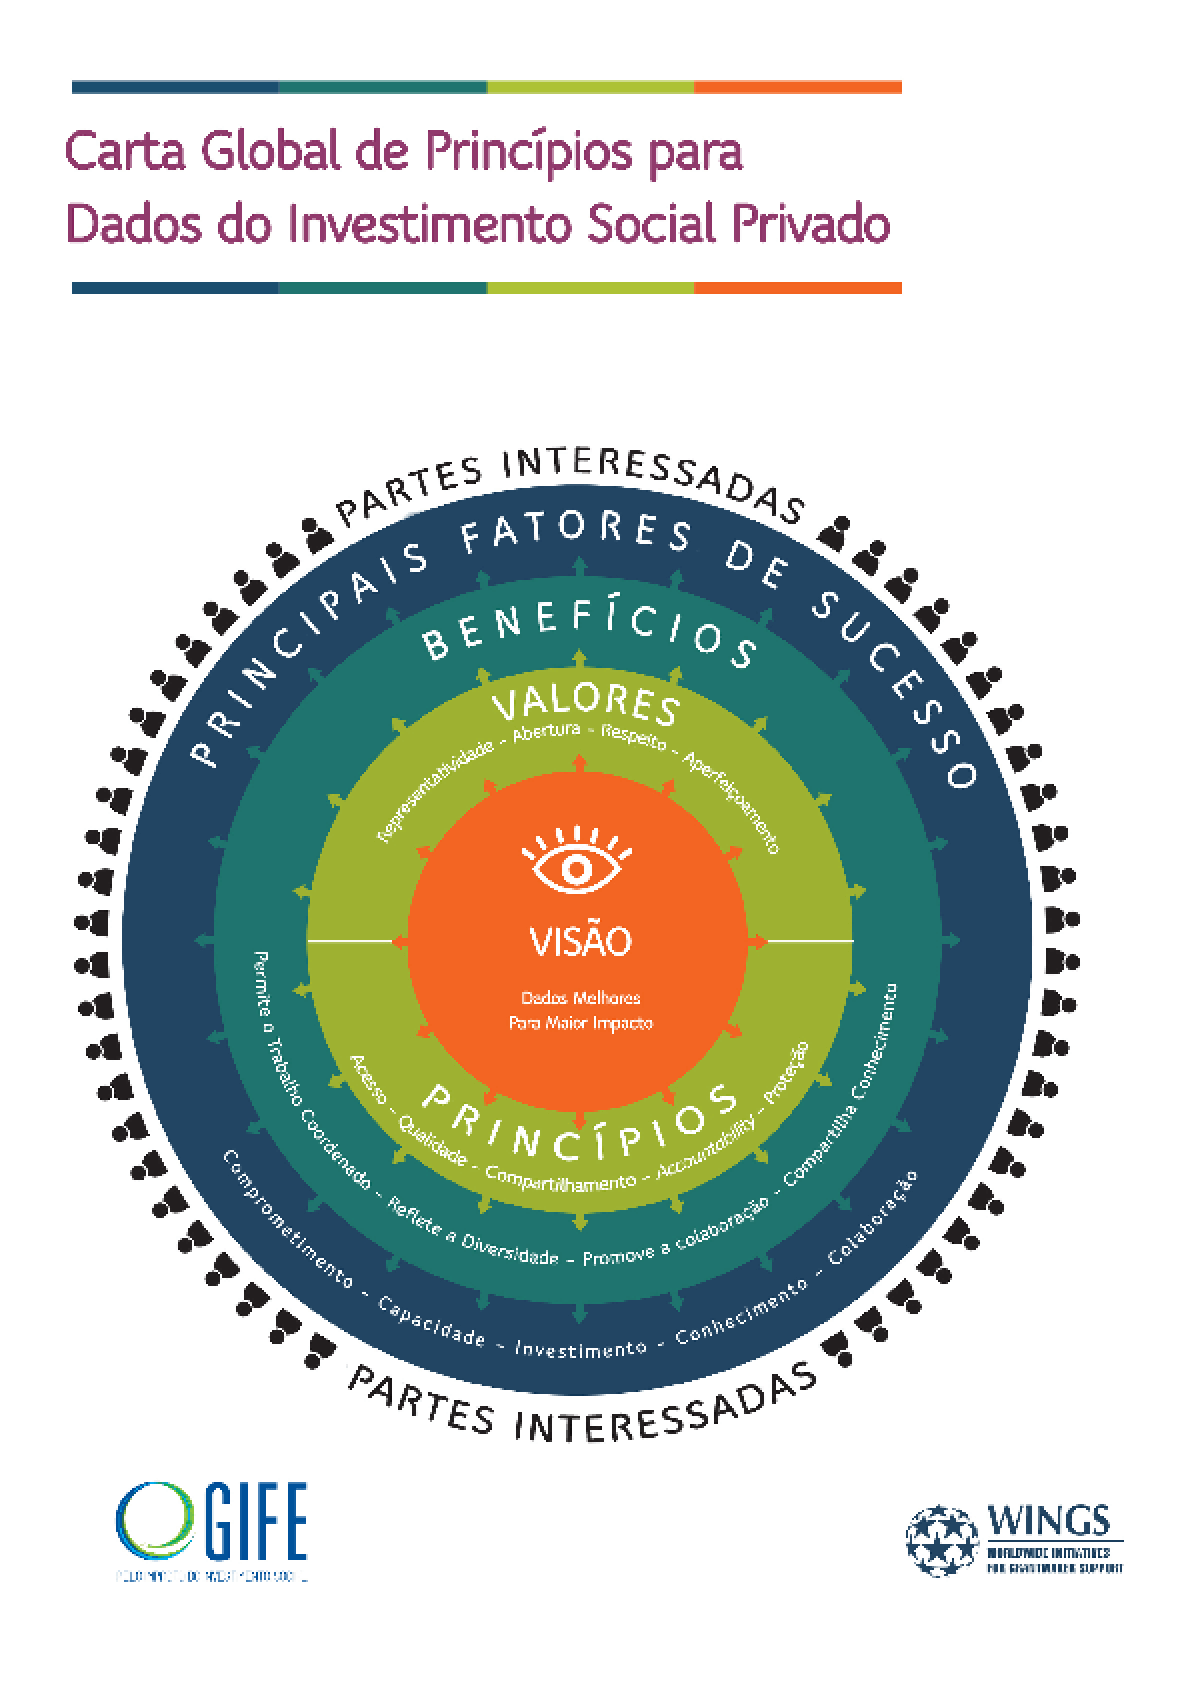 Carta Global de Princípios para Dados do Investimento Social Privado